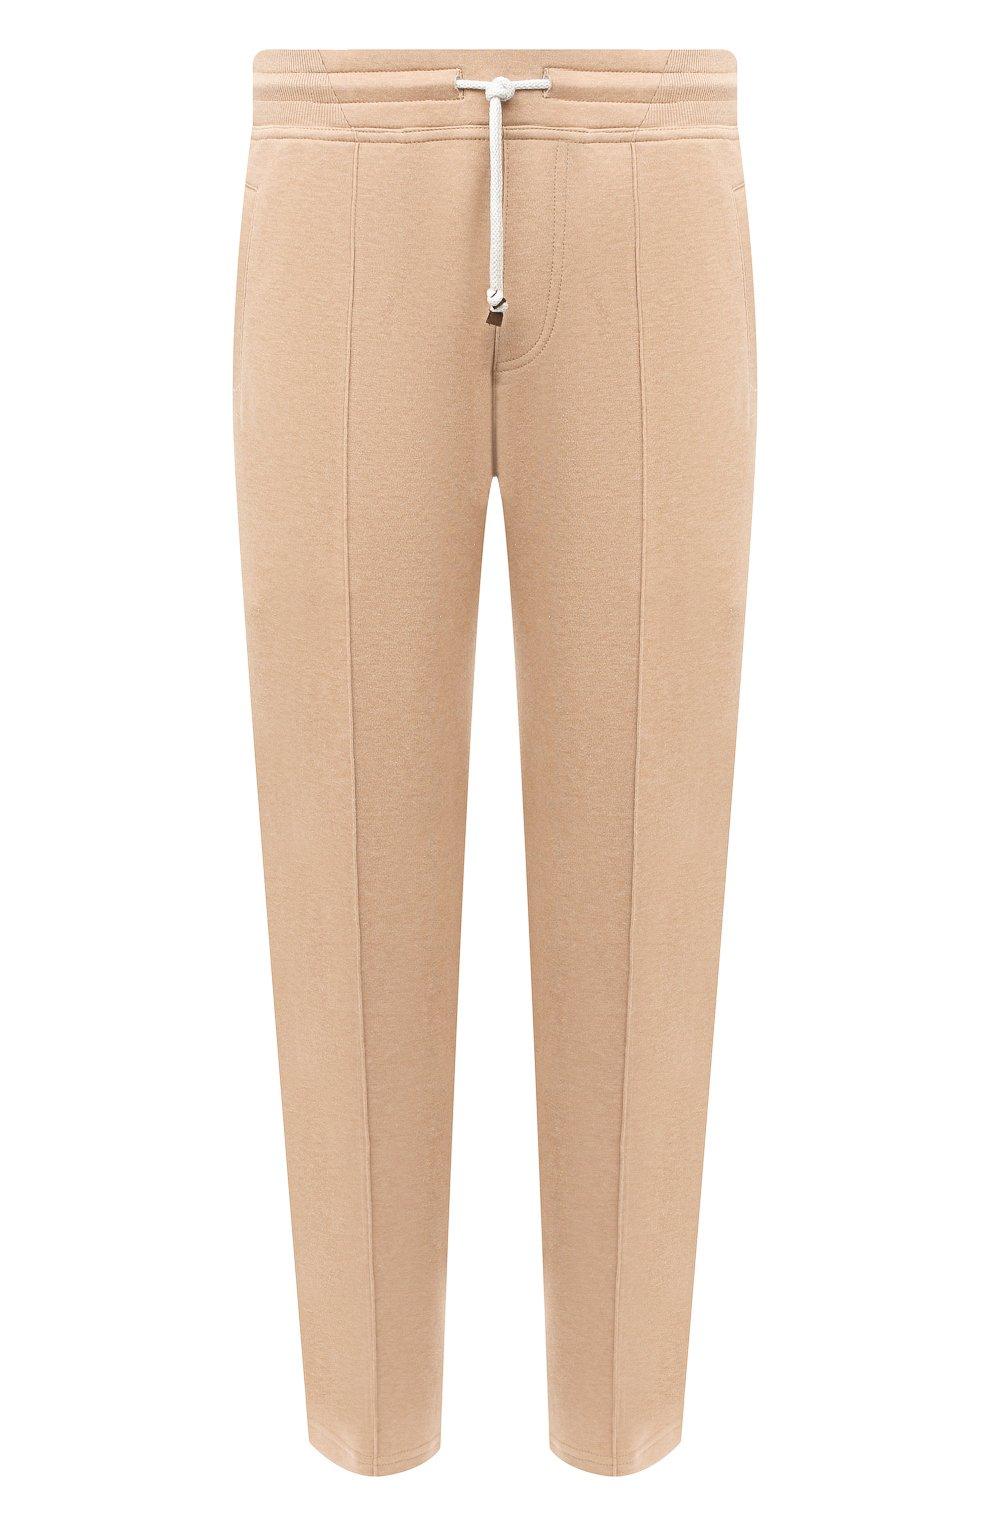 Мужские хлопковые брюки BRUNELLO CUCINELLI бежевого цвета, арт. M0T313212G   Фото 1 (Мужское Кросс-КТ: Брюки-трикотаж; Случай: Повседневный; Материал внешний: Хлопок; Длина (брюки, джинсы): Укороченные)